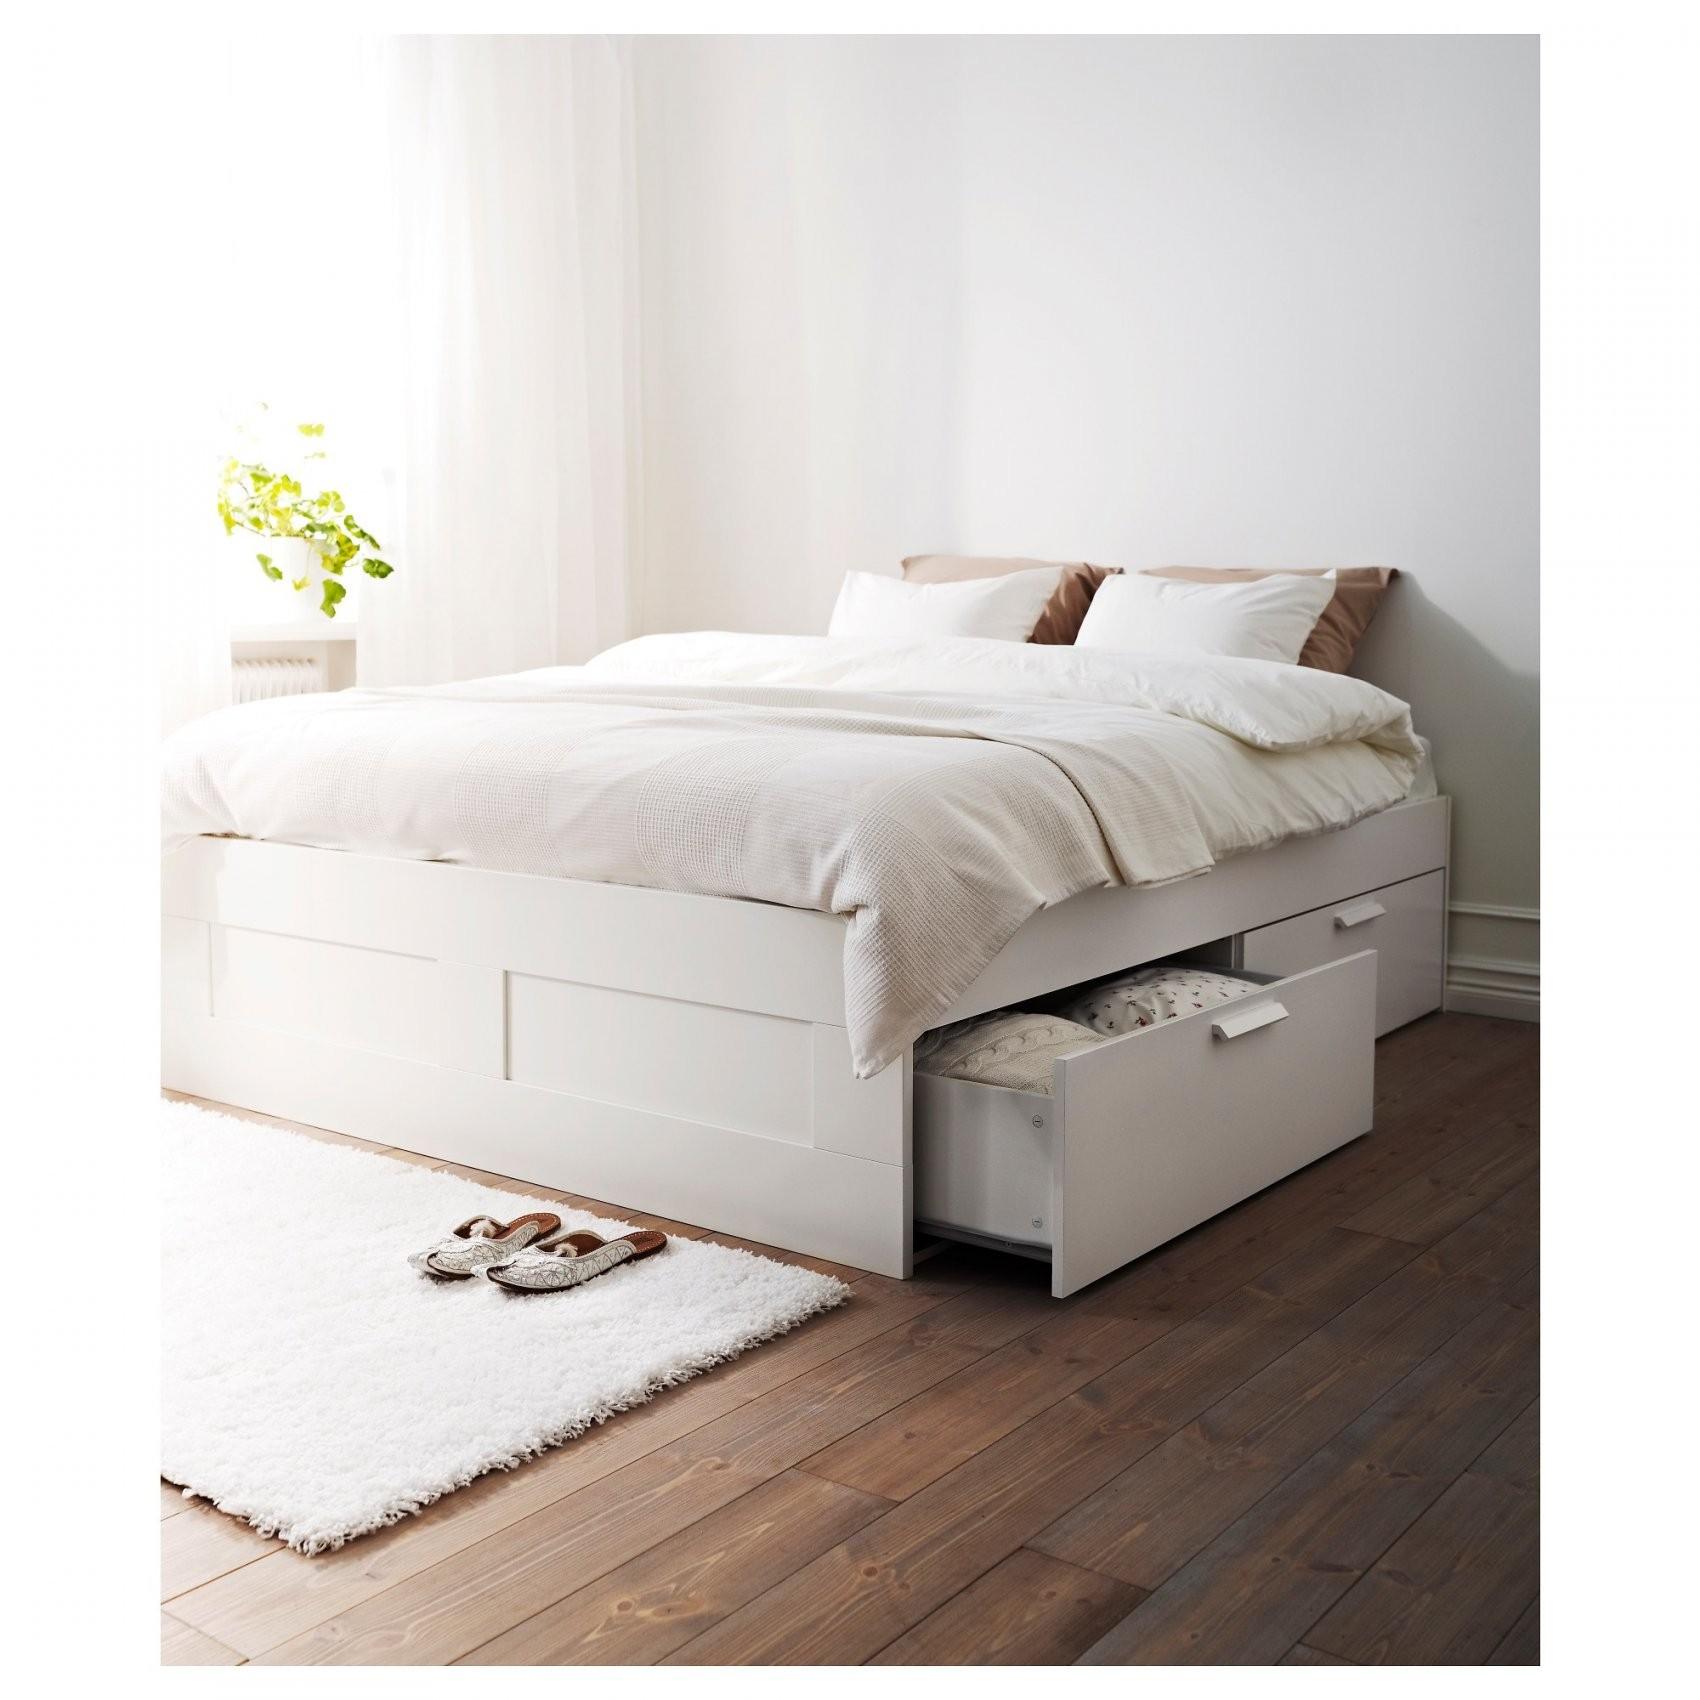 Brimnes Bedframe Met Opberglades  160X200 Cm  Wit  Ikea von Ikea Bettgestell 160X200 Bild